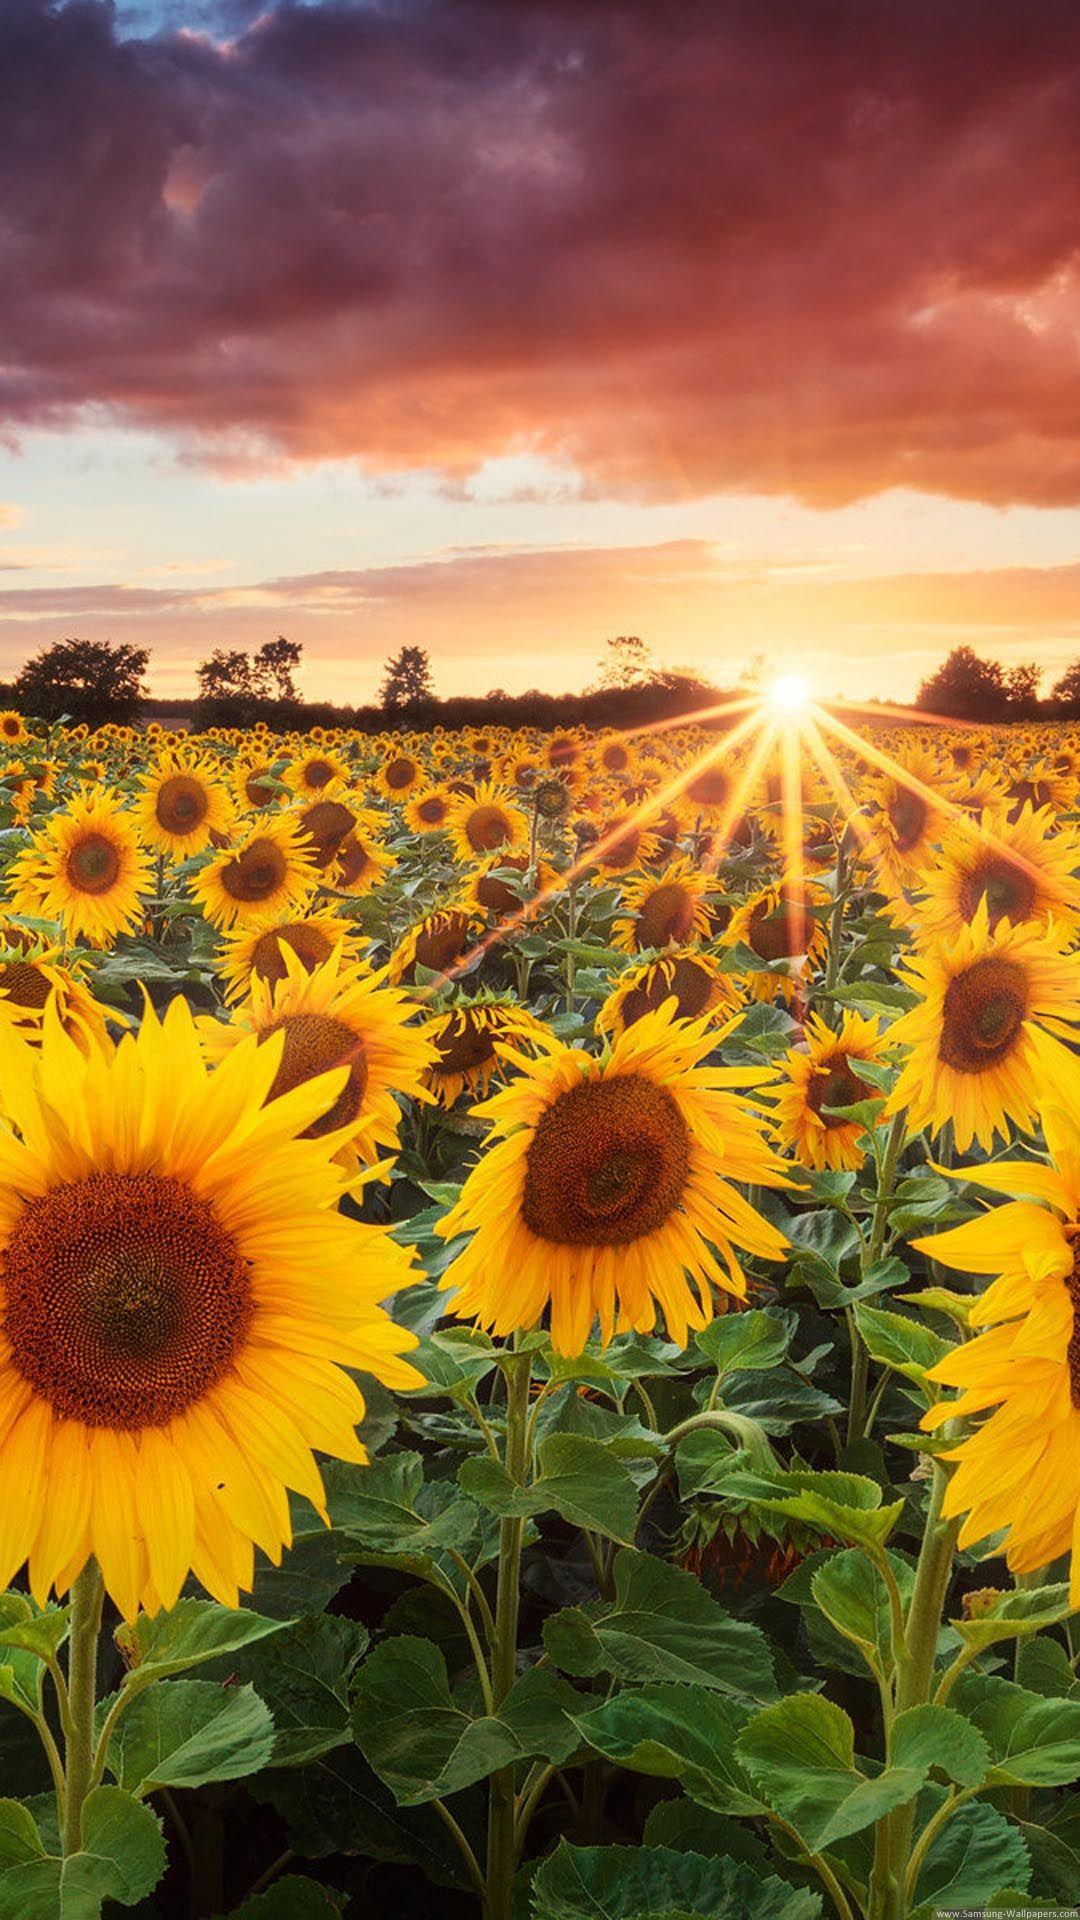 Sunflower Field Sunset Iphone 6 Plus Hd Wallpaper Campo De Girassois Wallpaper Paisagem Lindas Paisagens